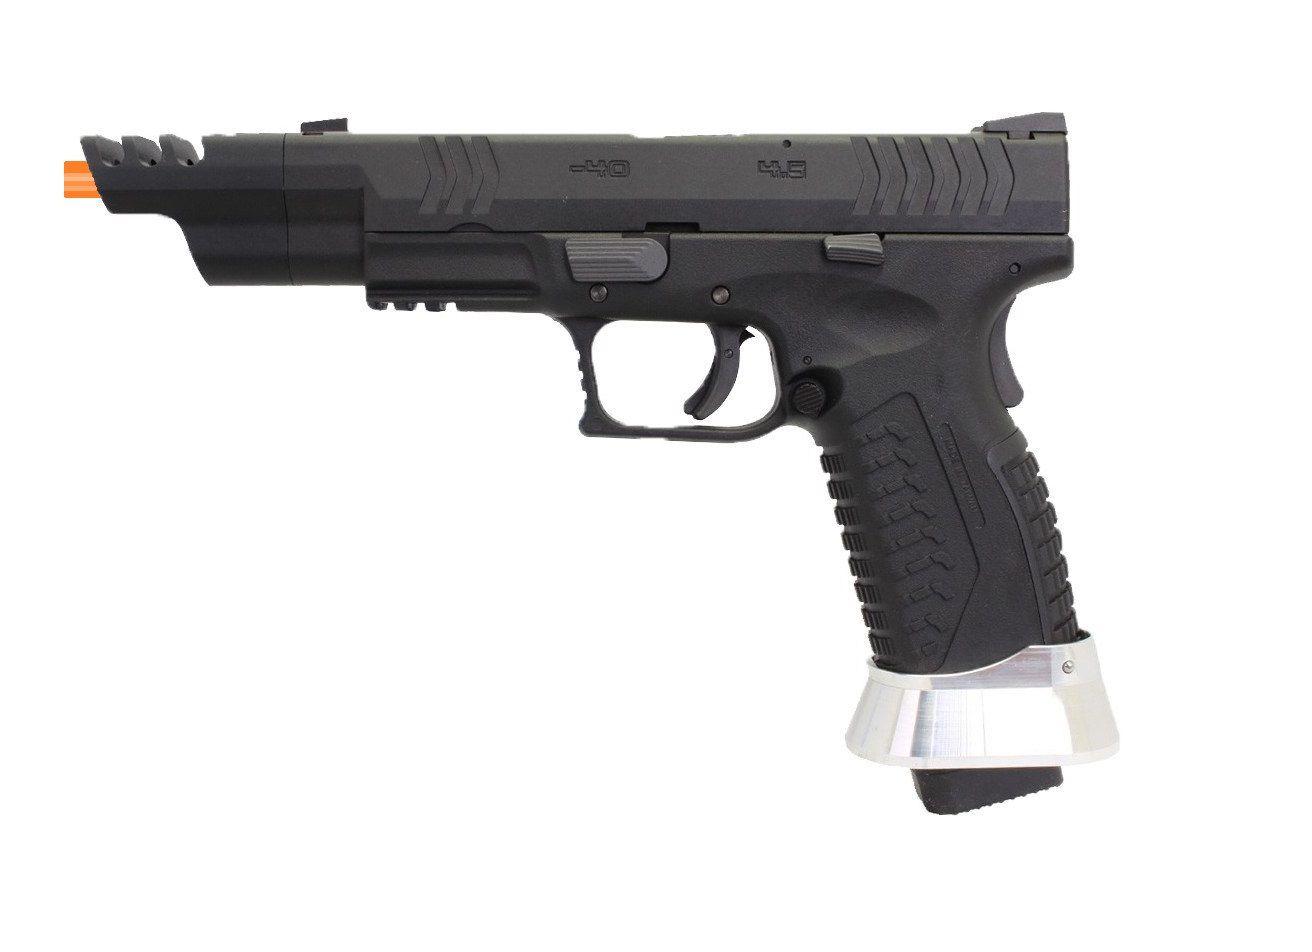 Pistola Airsoft WE GBB X-SER 4.5 IPSC VERSION 6mm